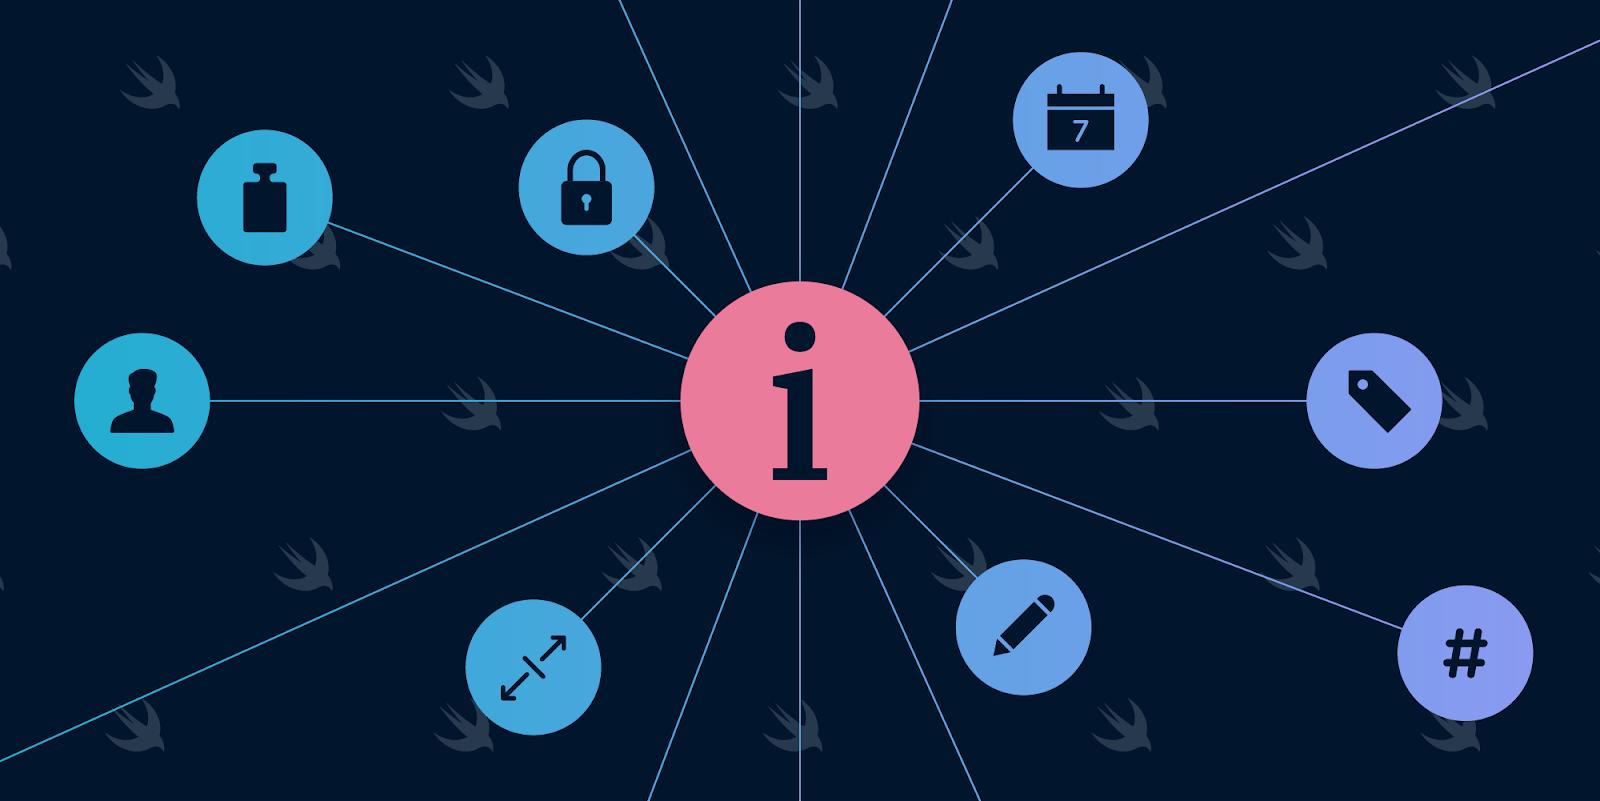 Aprendendo mais do Xcode: UIKit